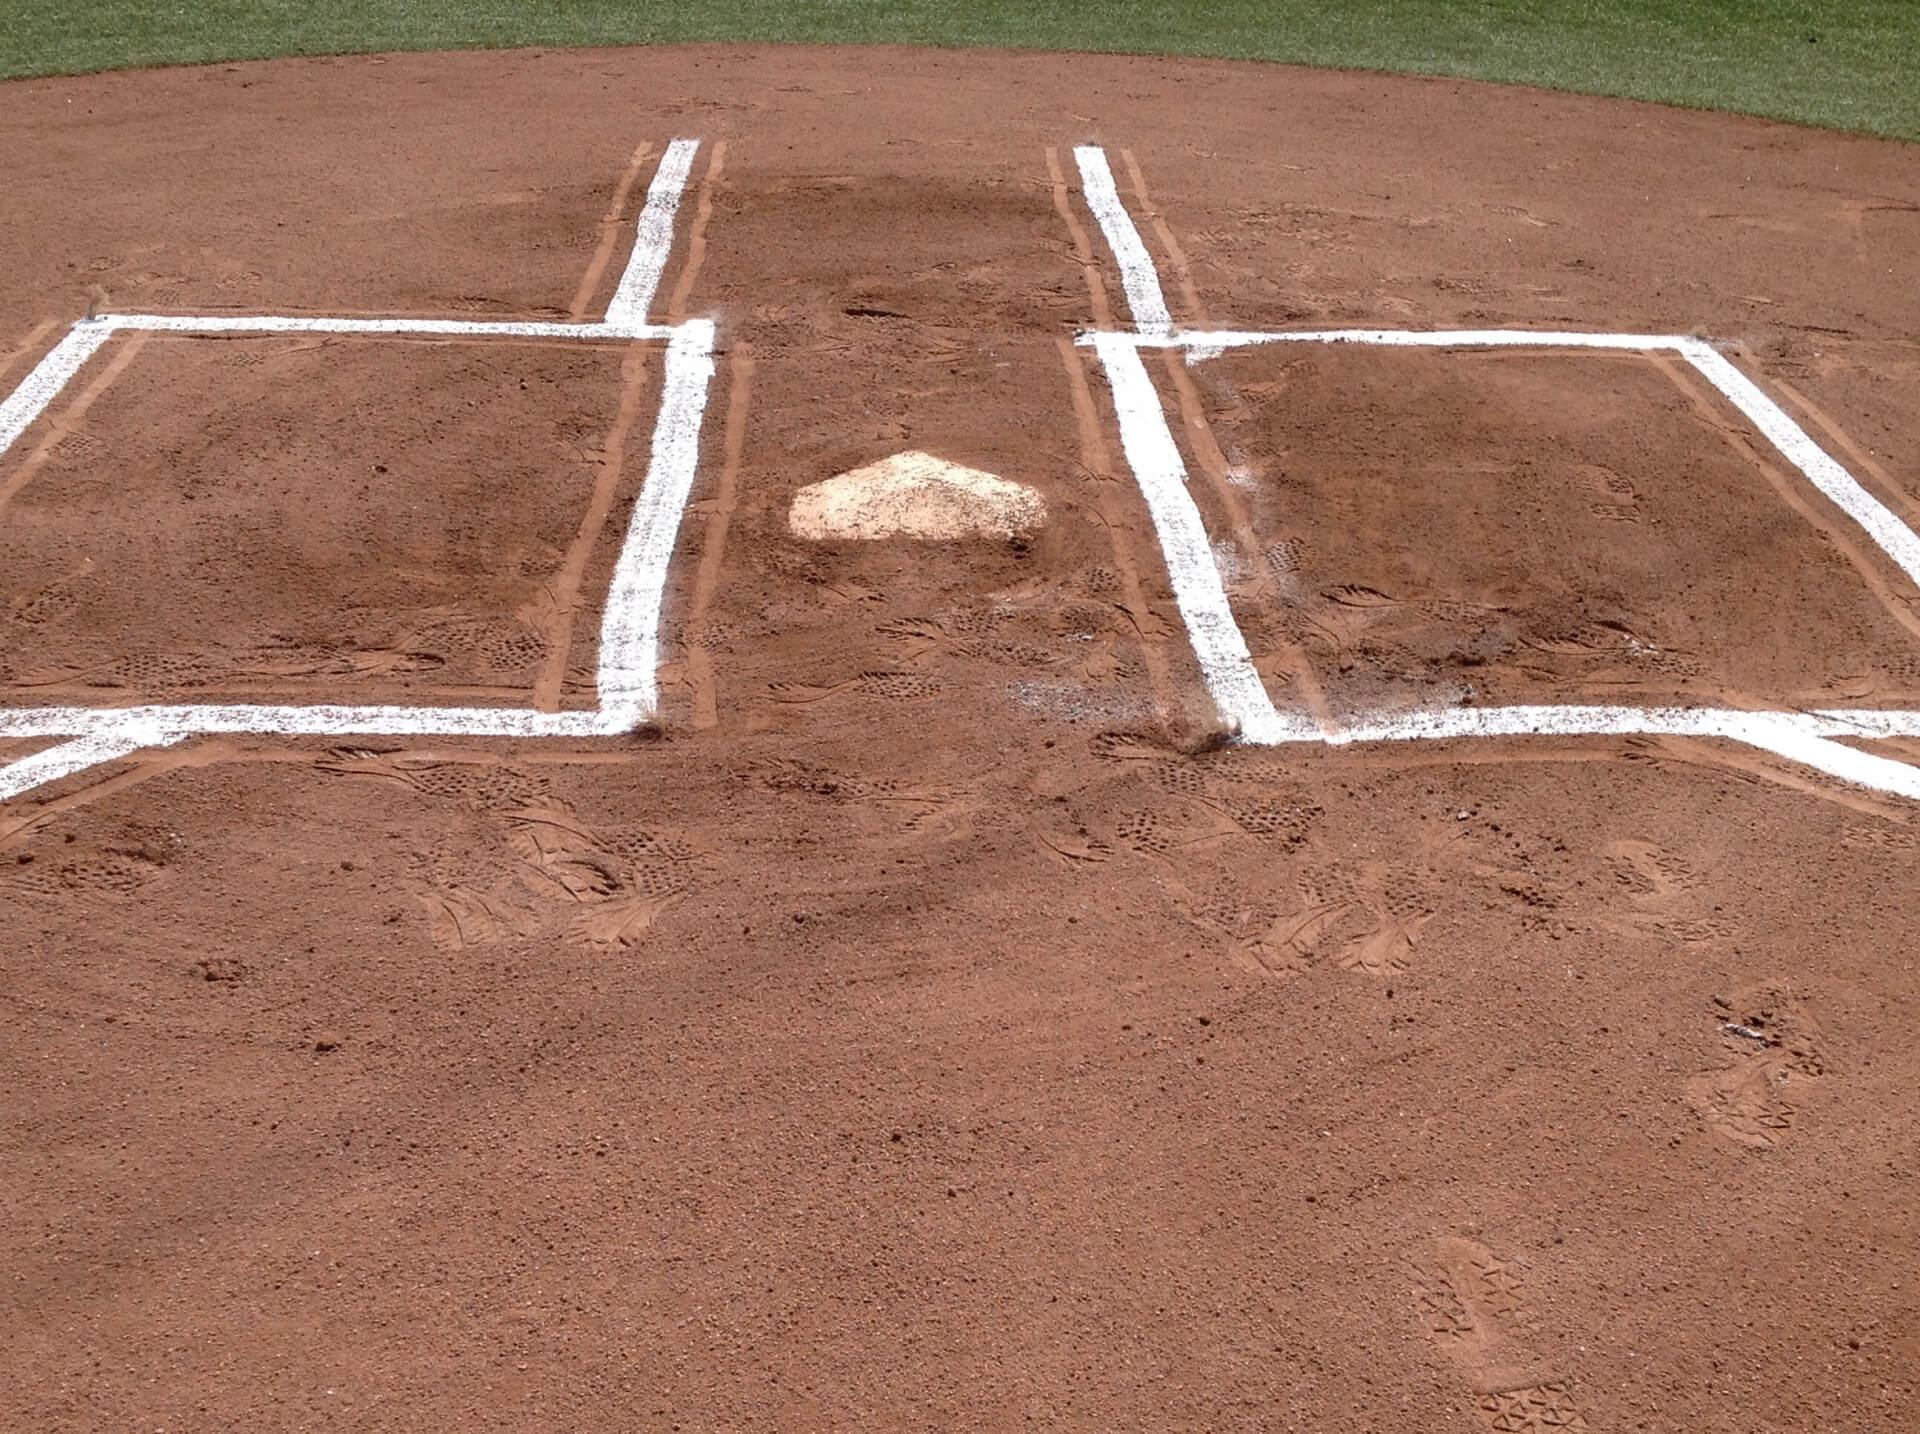 ソフトボールのバッティングの基本